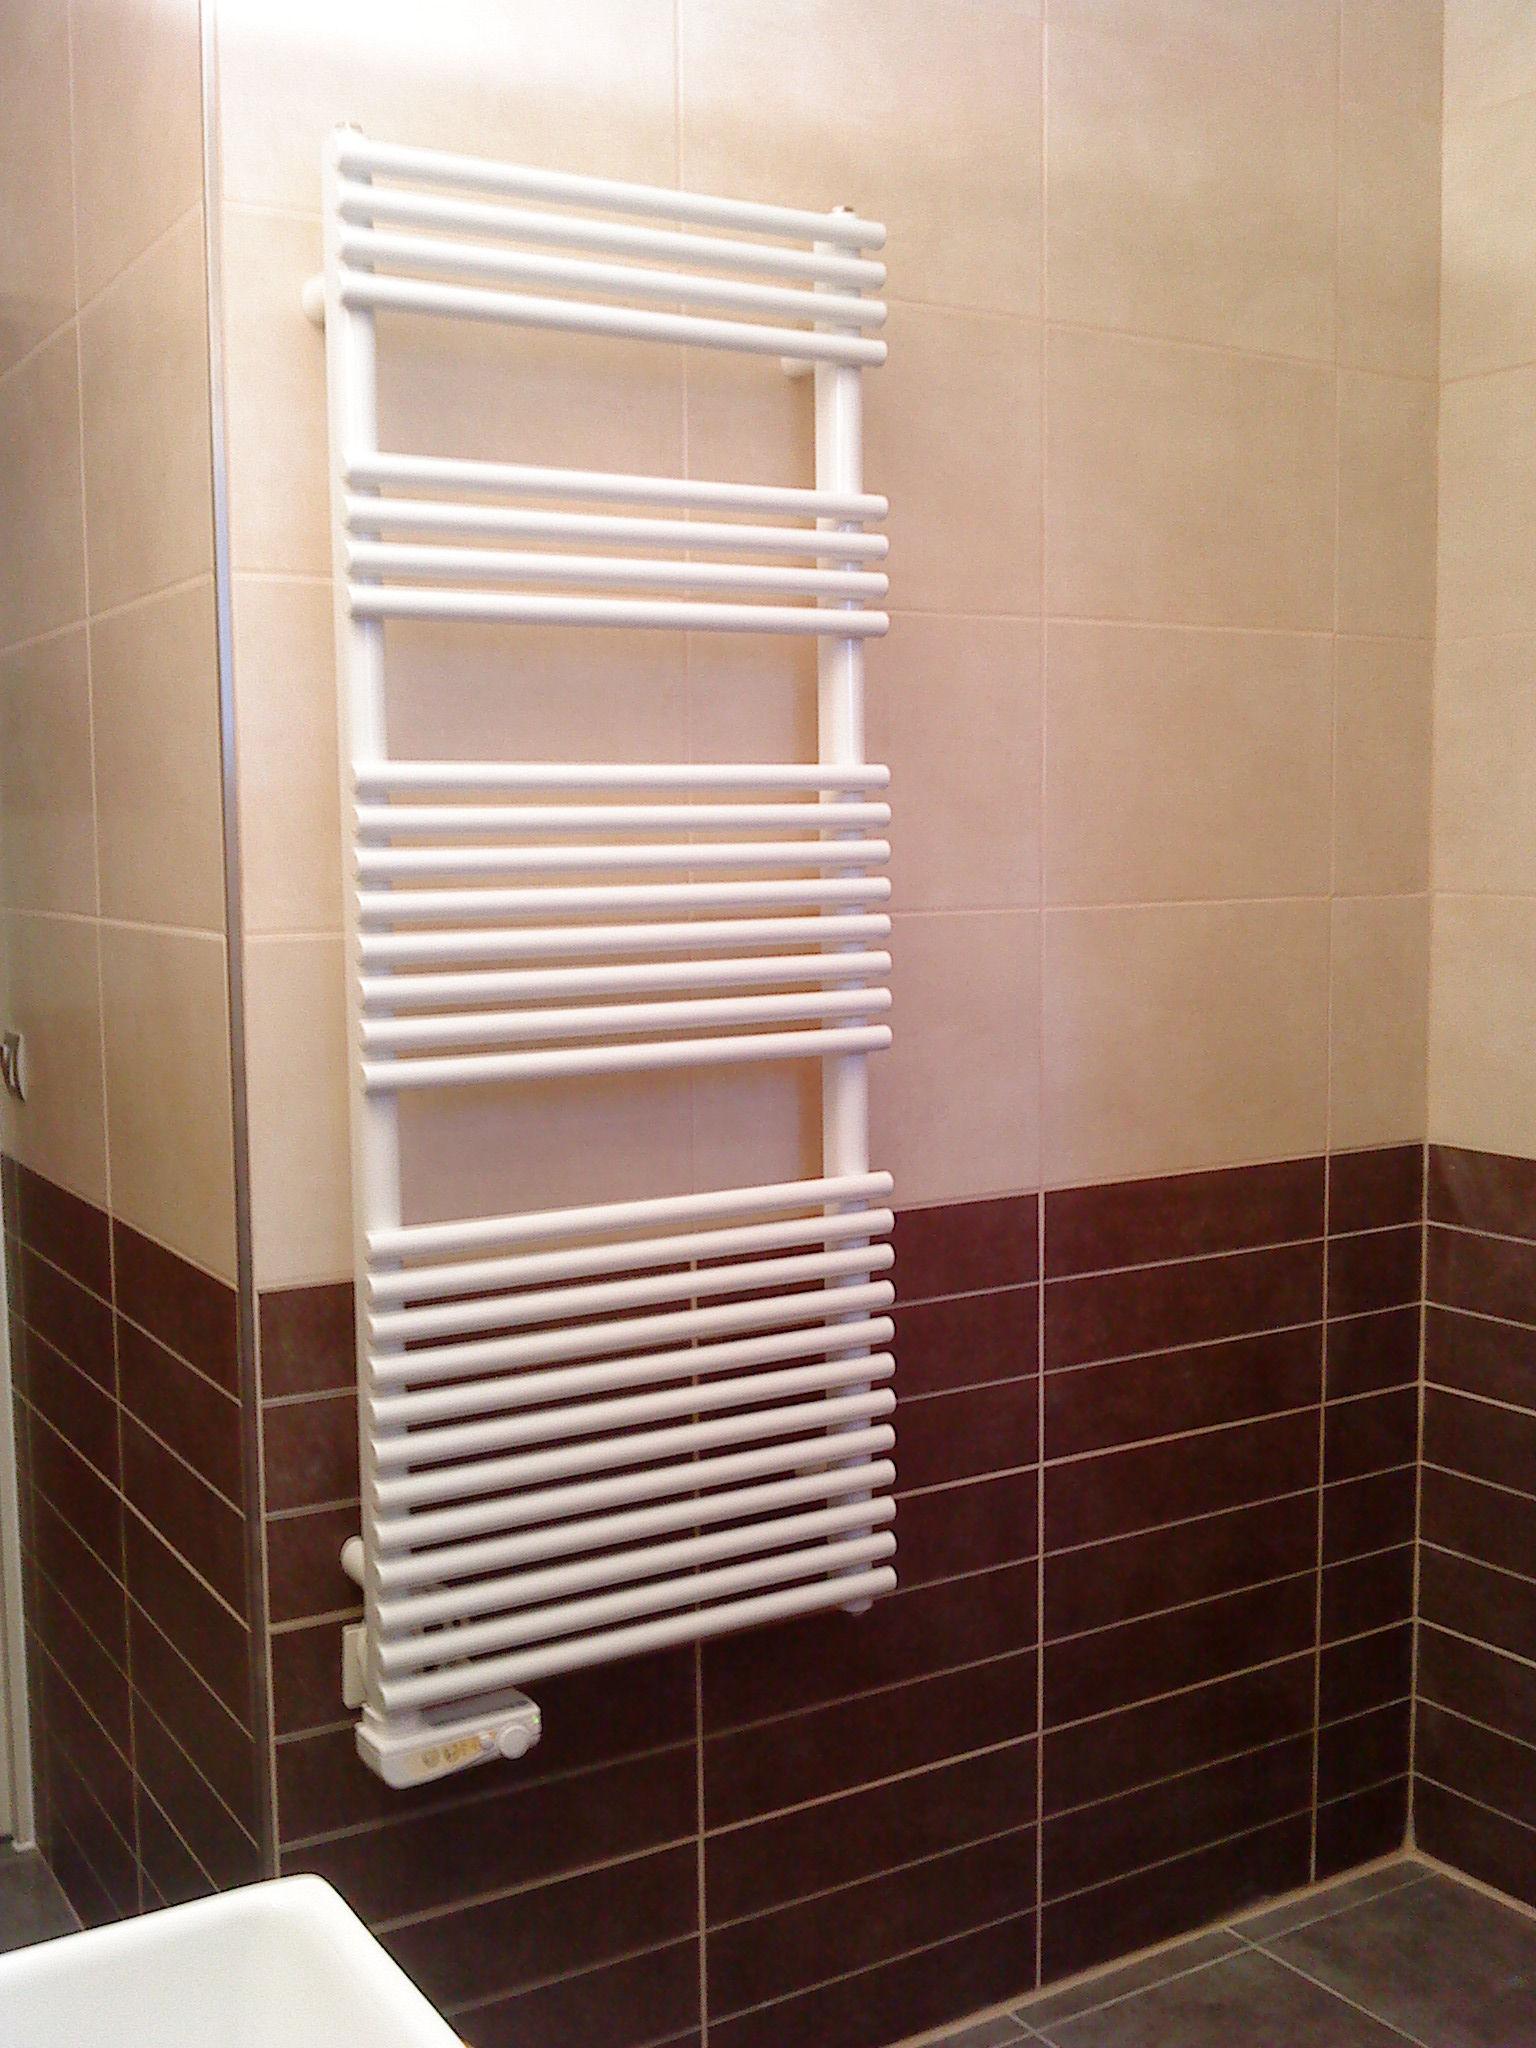 dsc03742 photo de salle d 39 eau douche l 39 italienne et wc soci t adm travaux de r novation. Black Bedroom Furniture Sets. Home Design Ideas